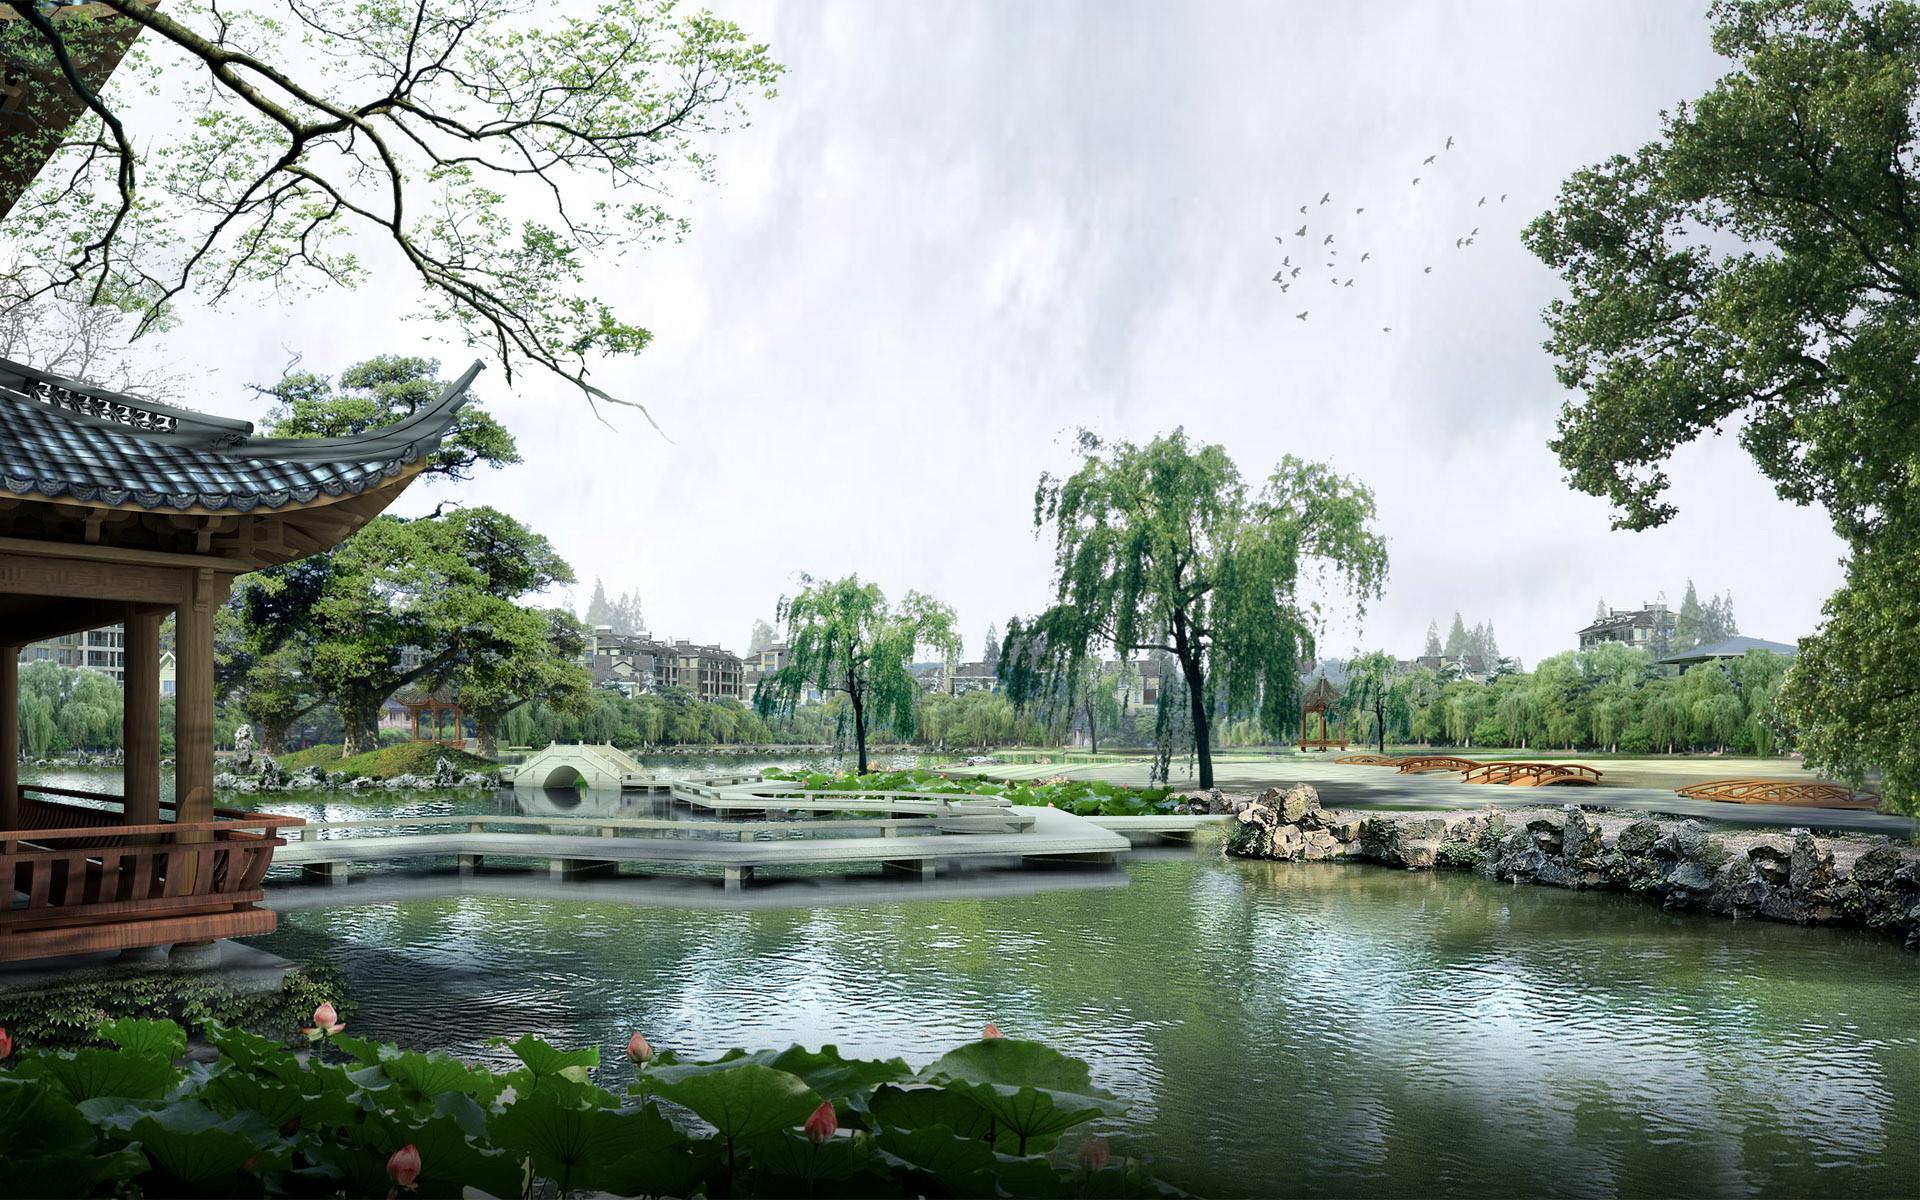 中国の風景の背景 中国の壁紙のhd 19x10 Wallpapertip